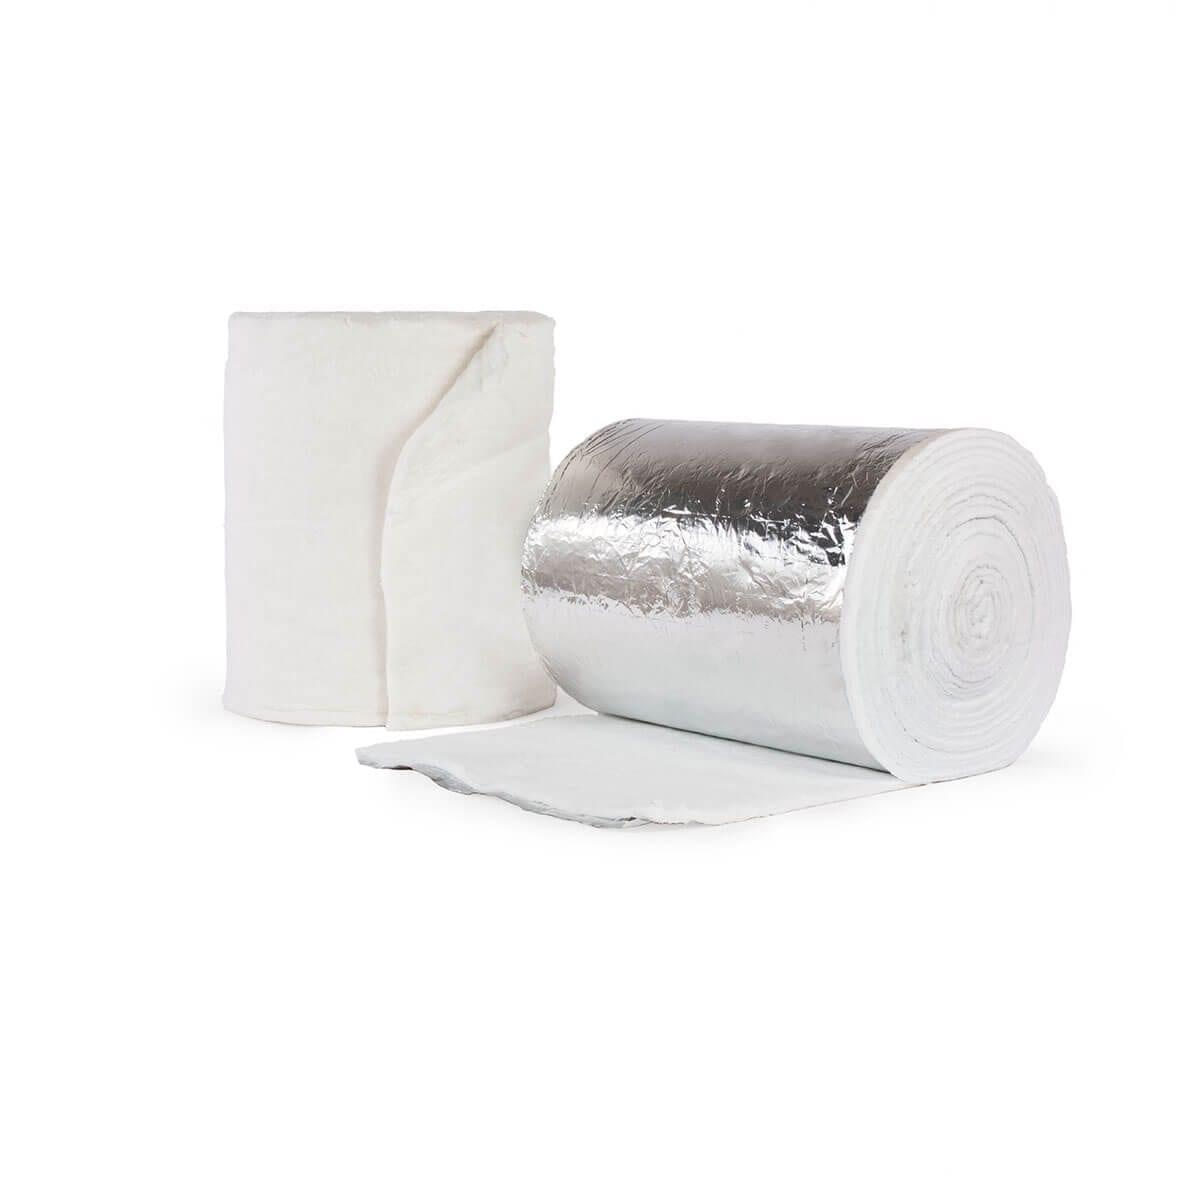 materassino-ceramico-alfa-forni